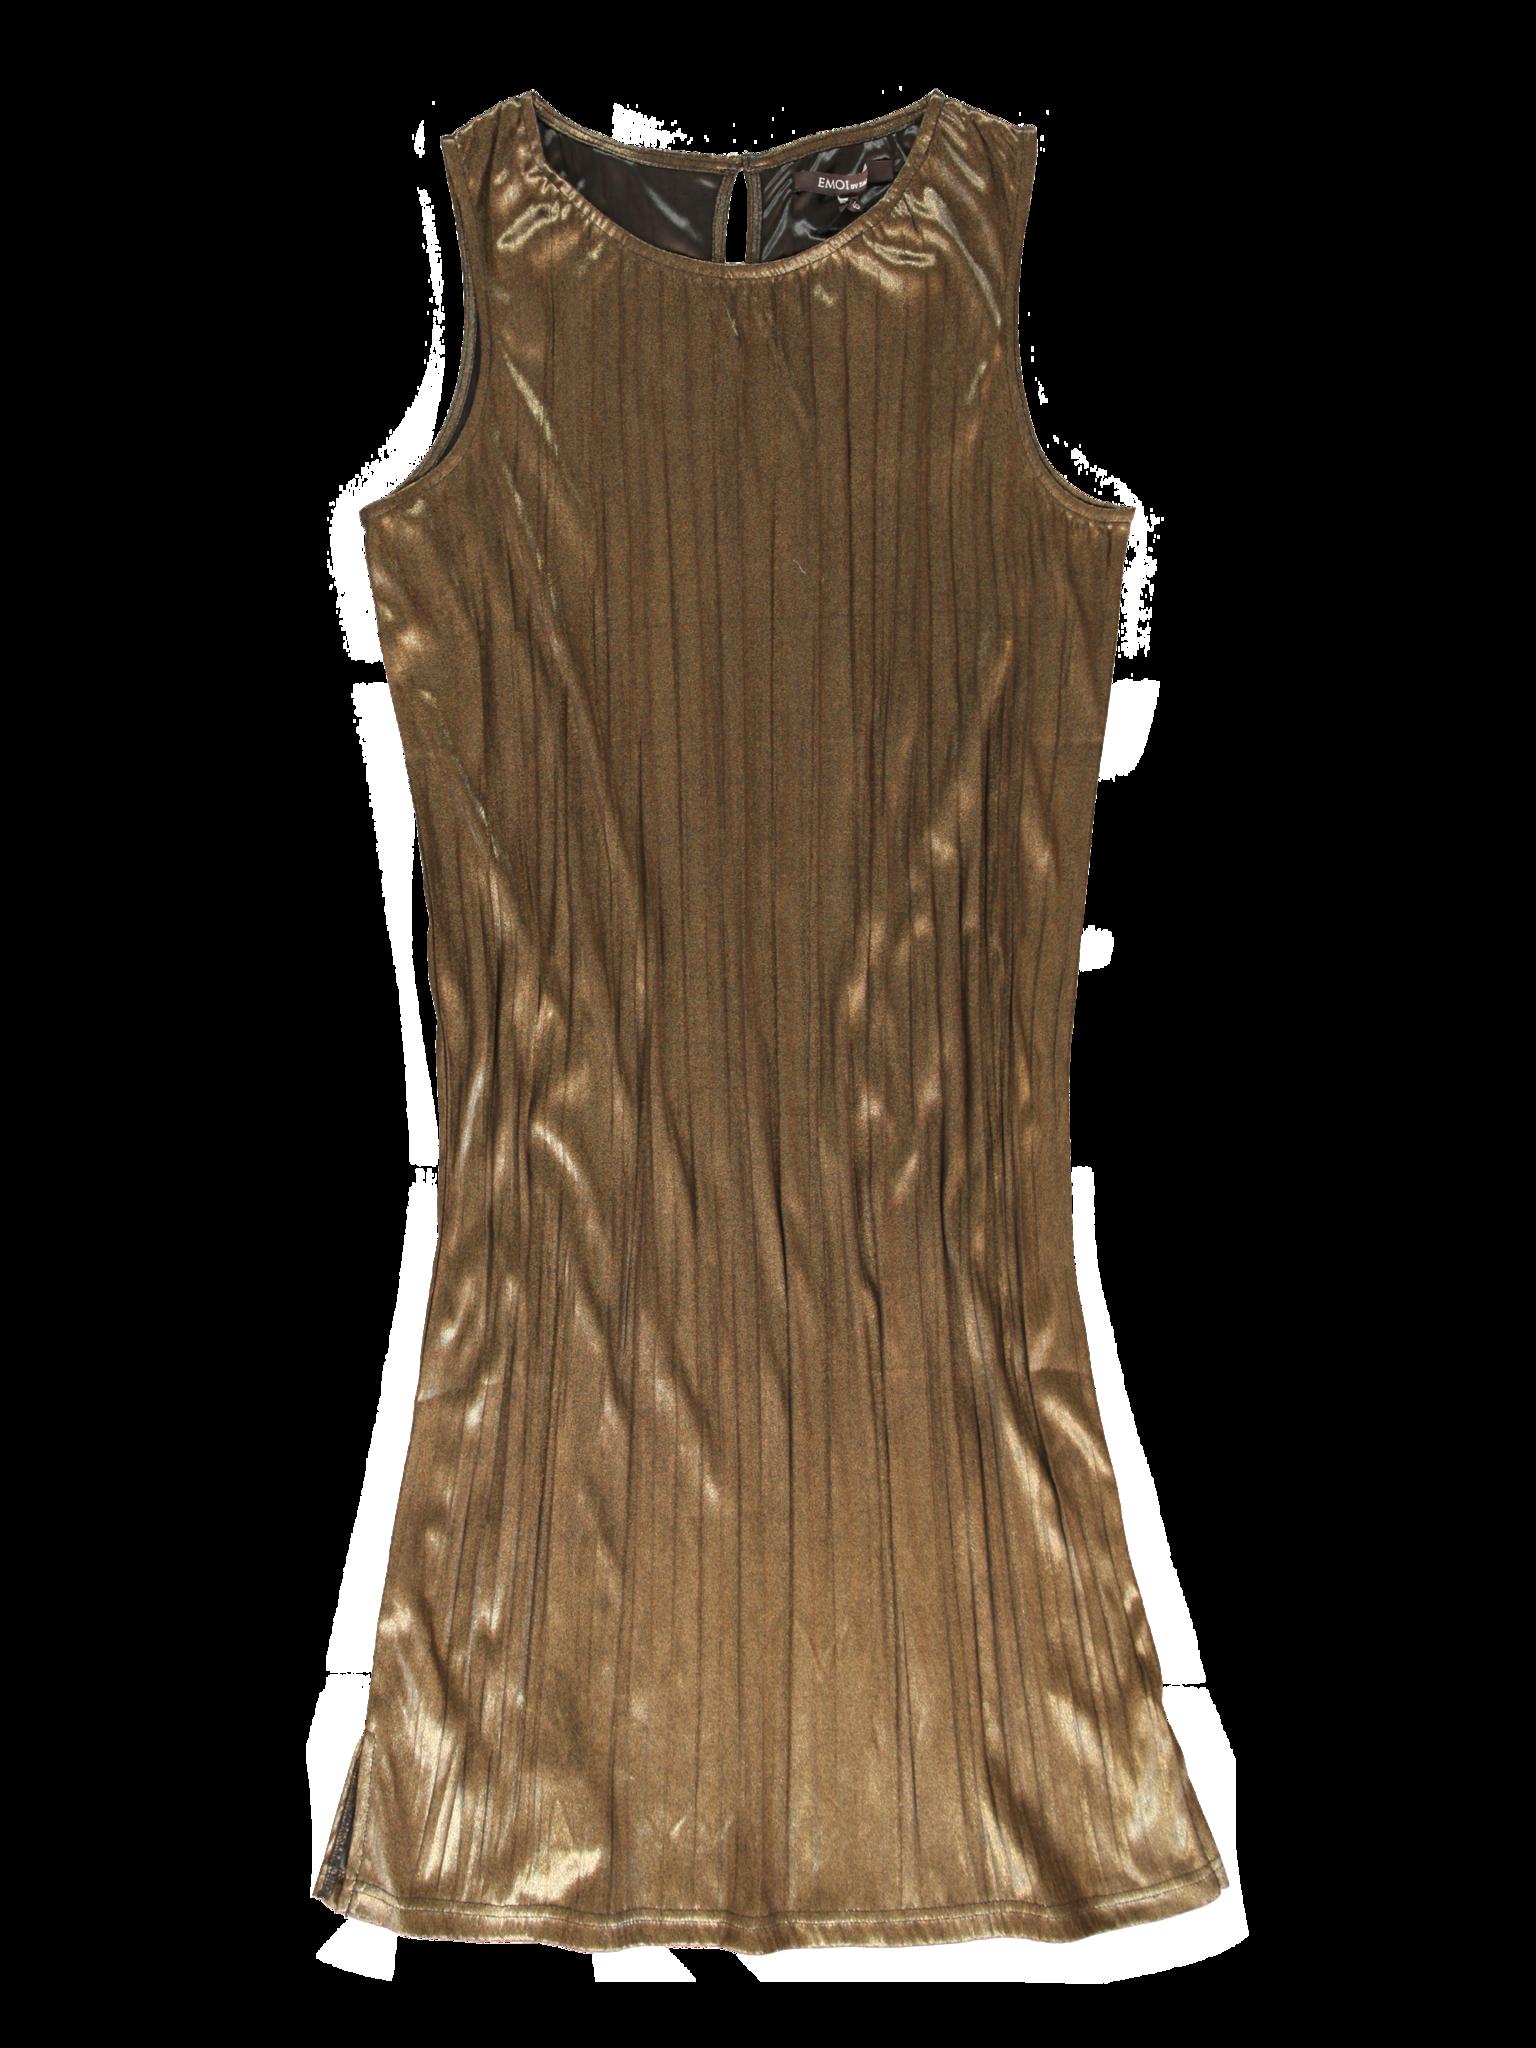 All Brands | Winterproducts Ladies | Dress | 18 pcs/box